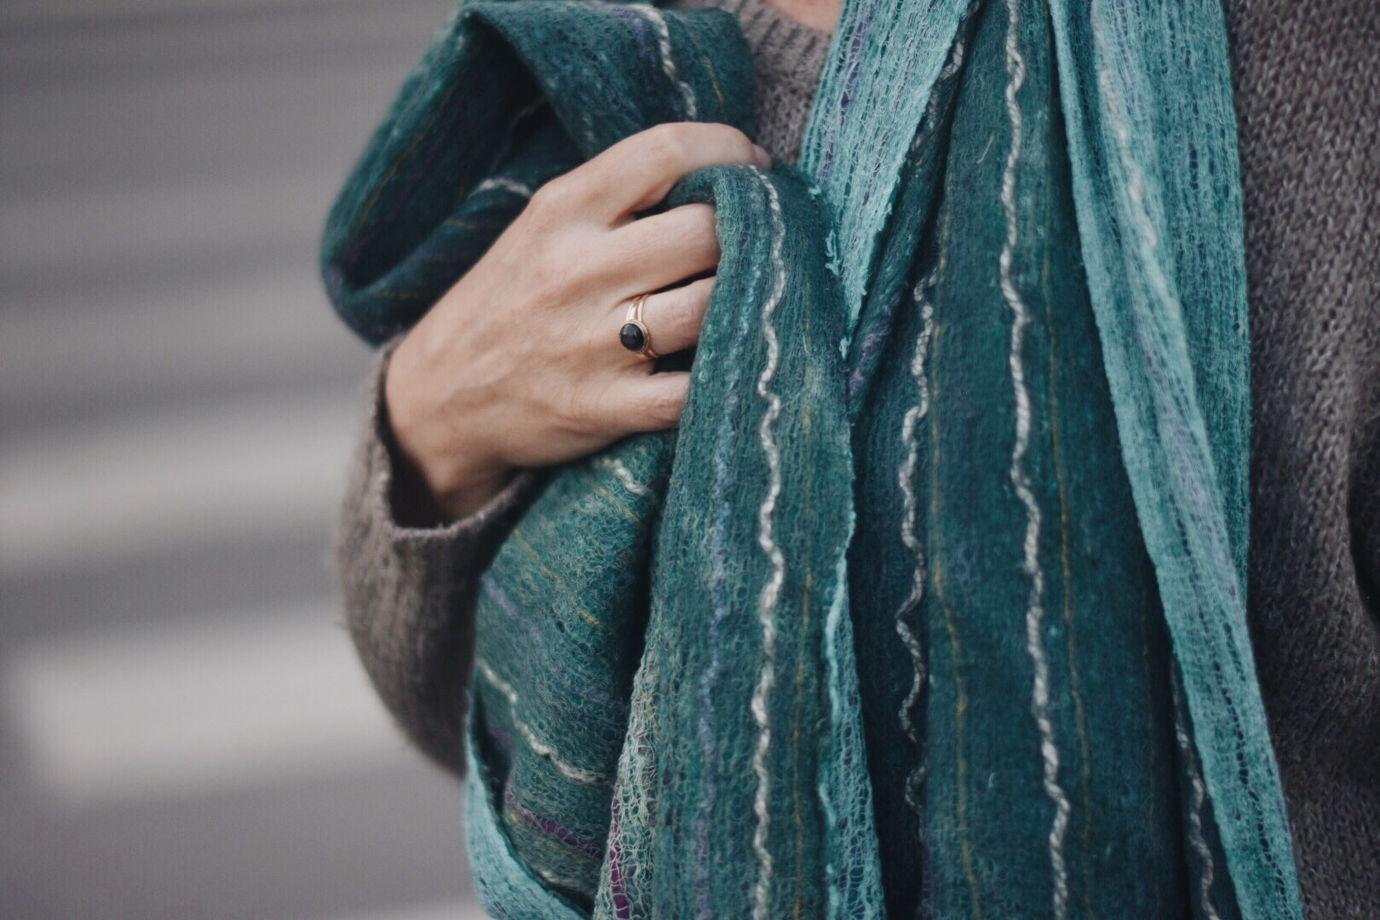 Объемный изумрудный шарф из шерсти и хлопка